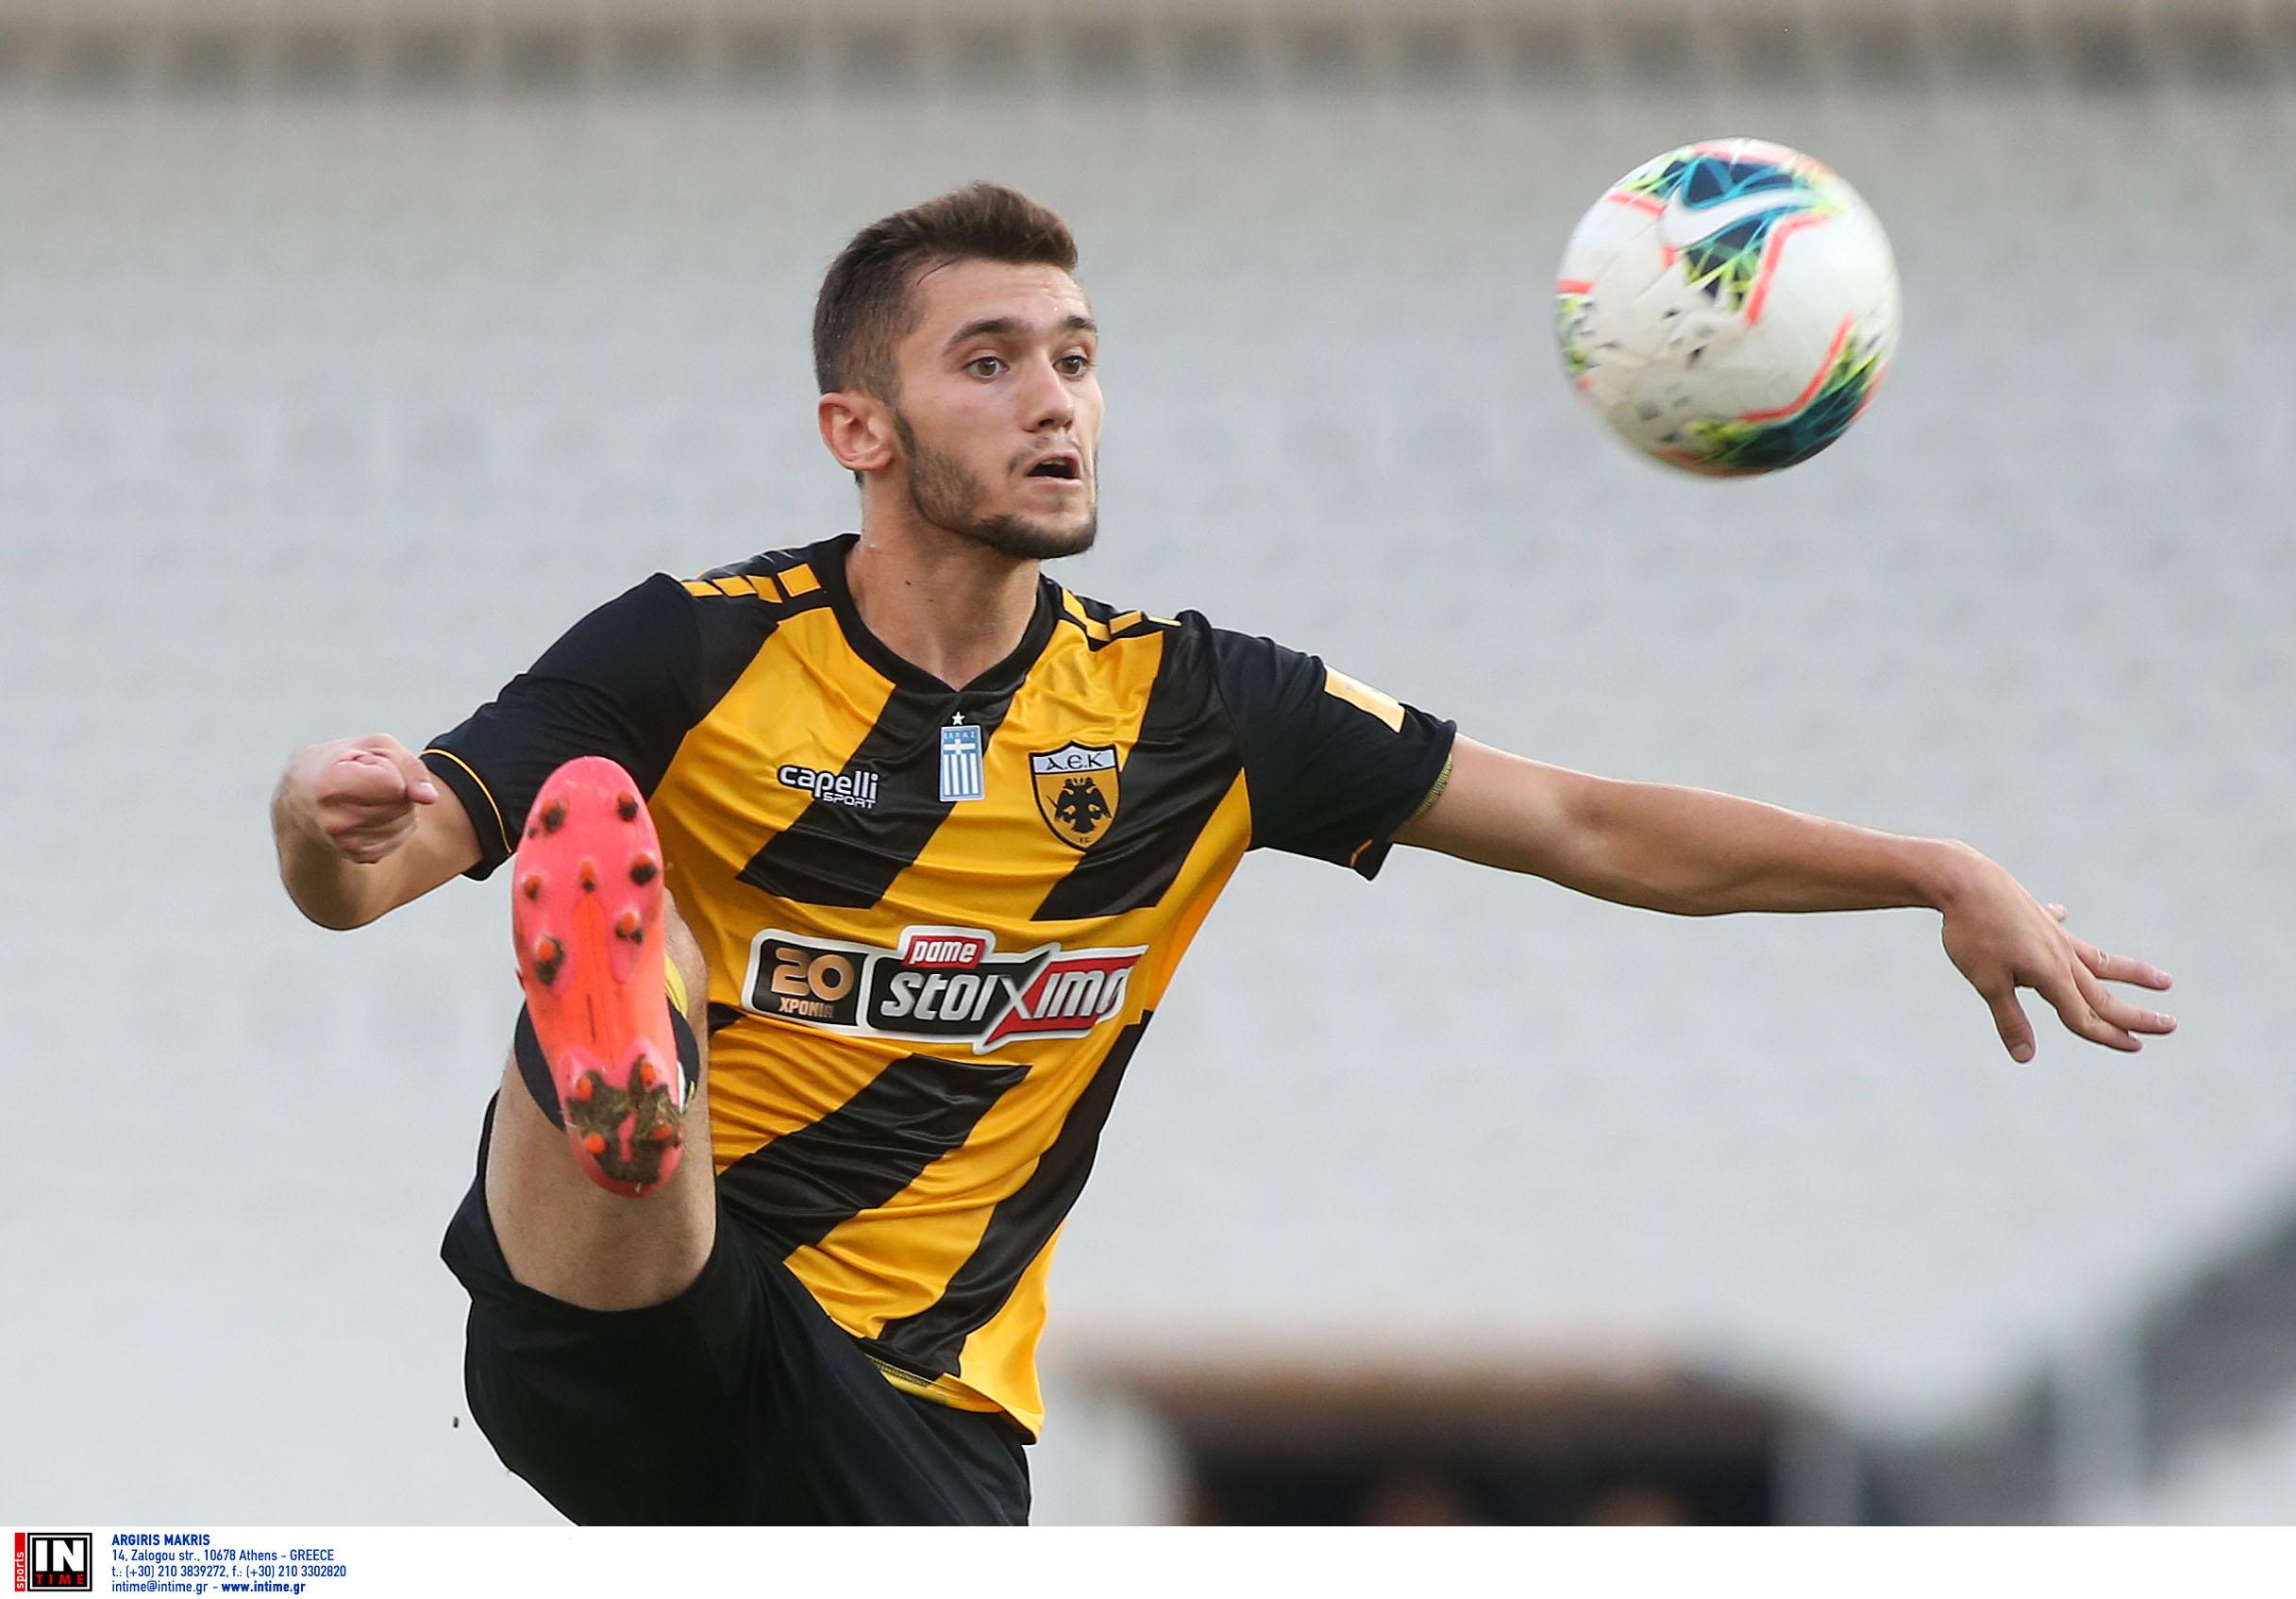 ΑΕΚ: Ενδιαφέρον από Τουρκία και MLS για τον Ανέλ Σαμπανάτζοβιτς